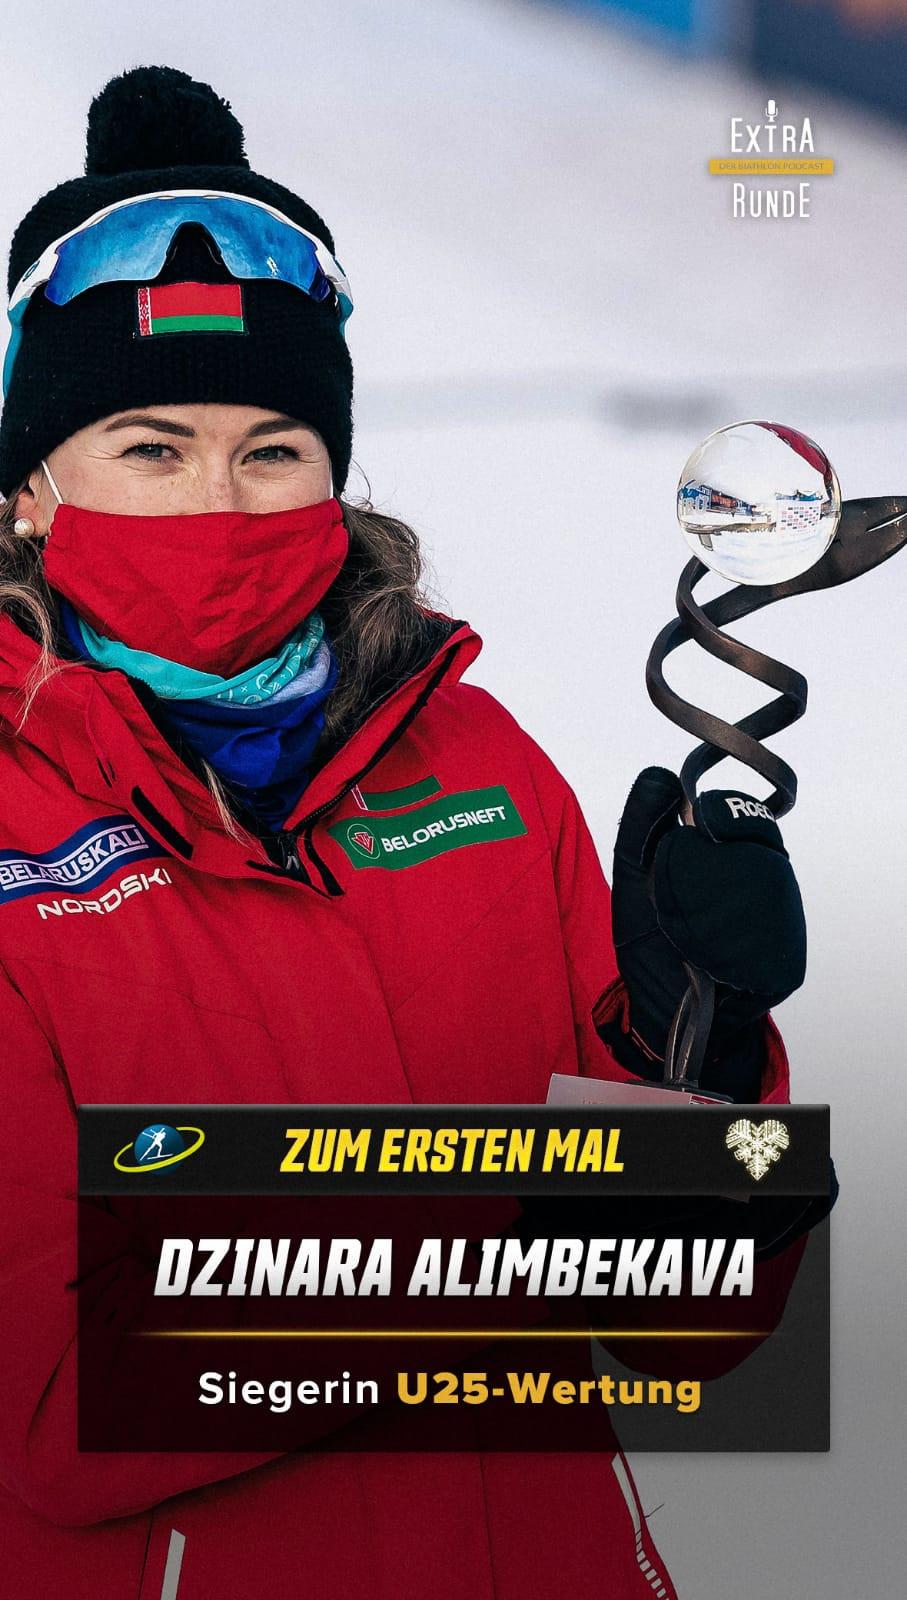 Die Wertung der Besten Biathletin unter 25 Jahren gewinnt die Belarusin Dzinara Alimbekava.